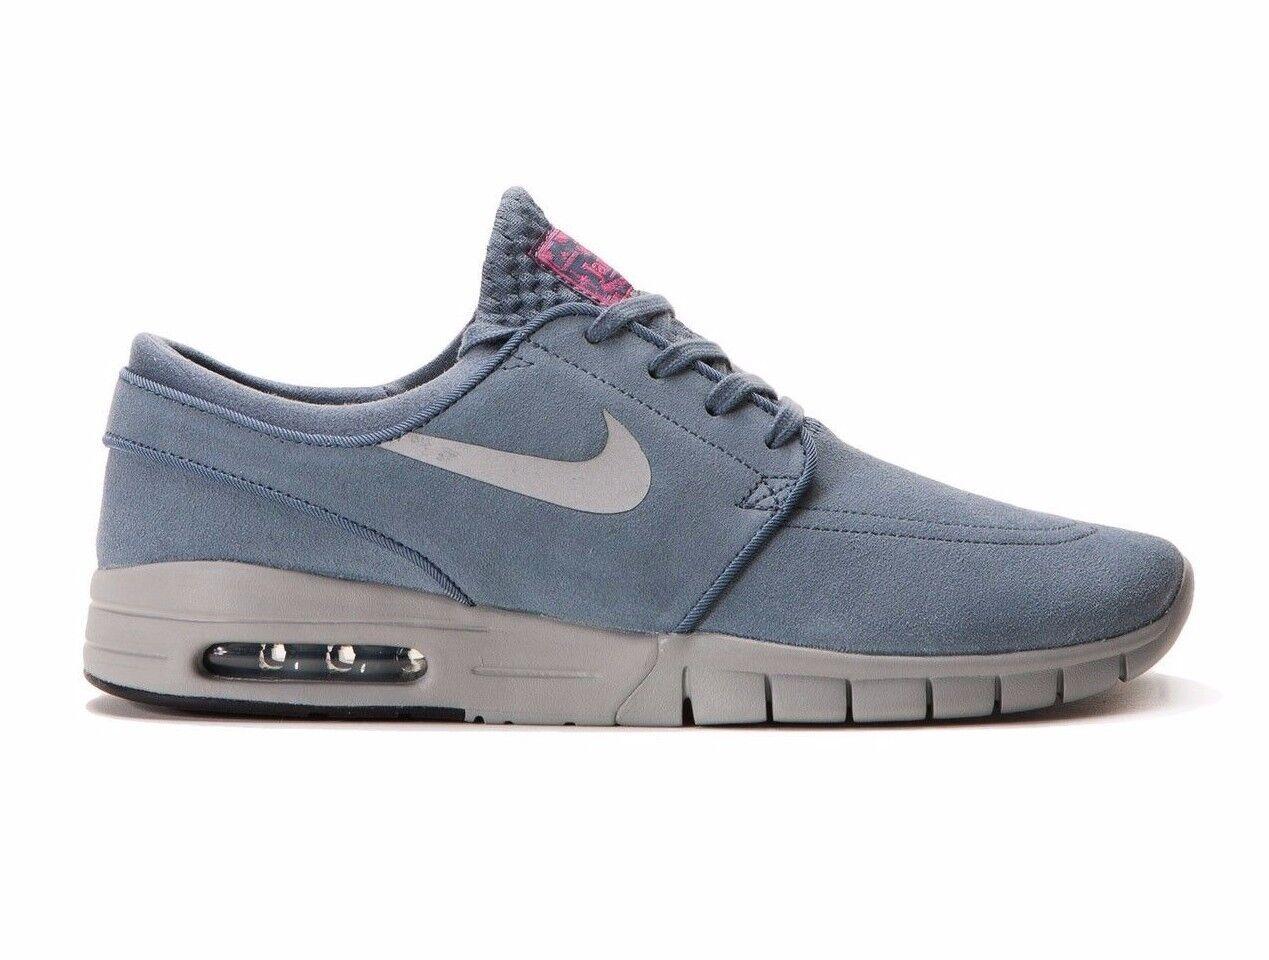 Nike STEFAN JANOSKI MAX L Blue Graphite Metallic Discounted (495) Men's Shoes